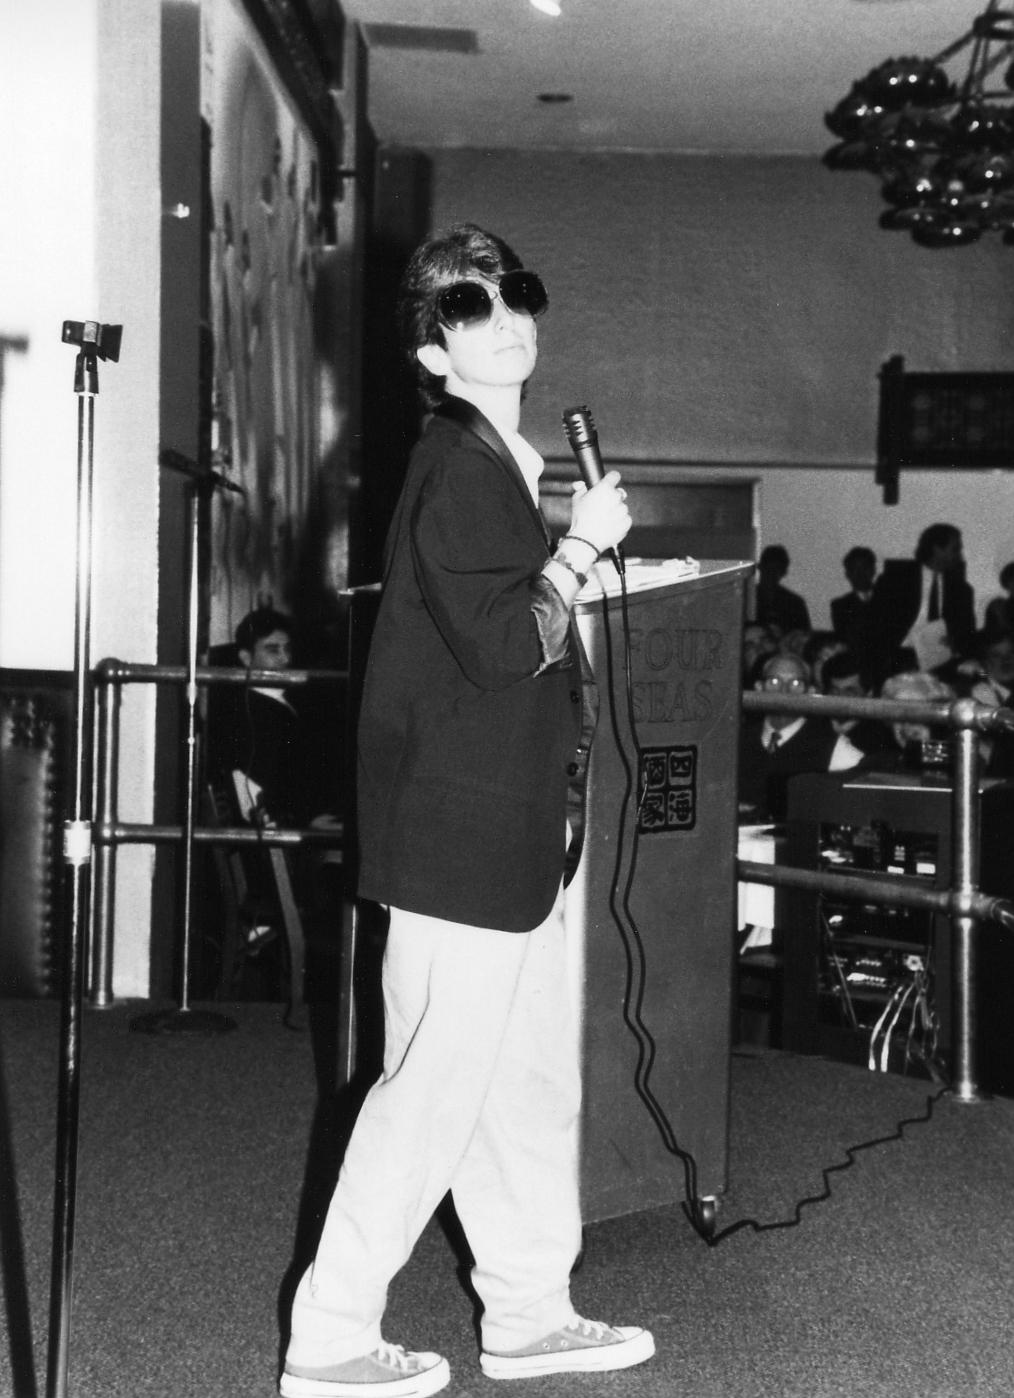 Lisa Geduldig, 1st Annual Kung Pao, 1993